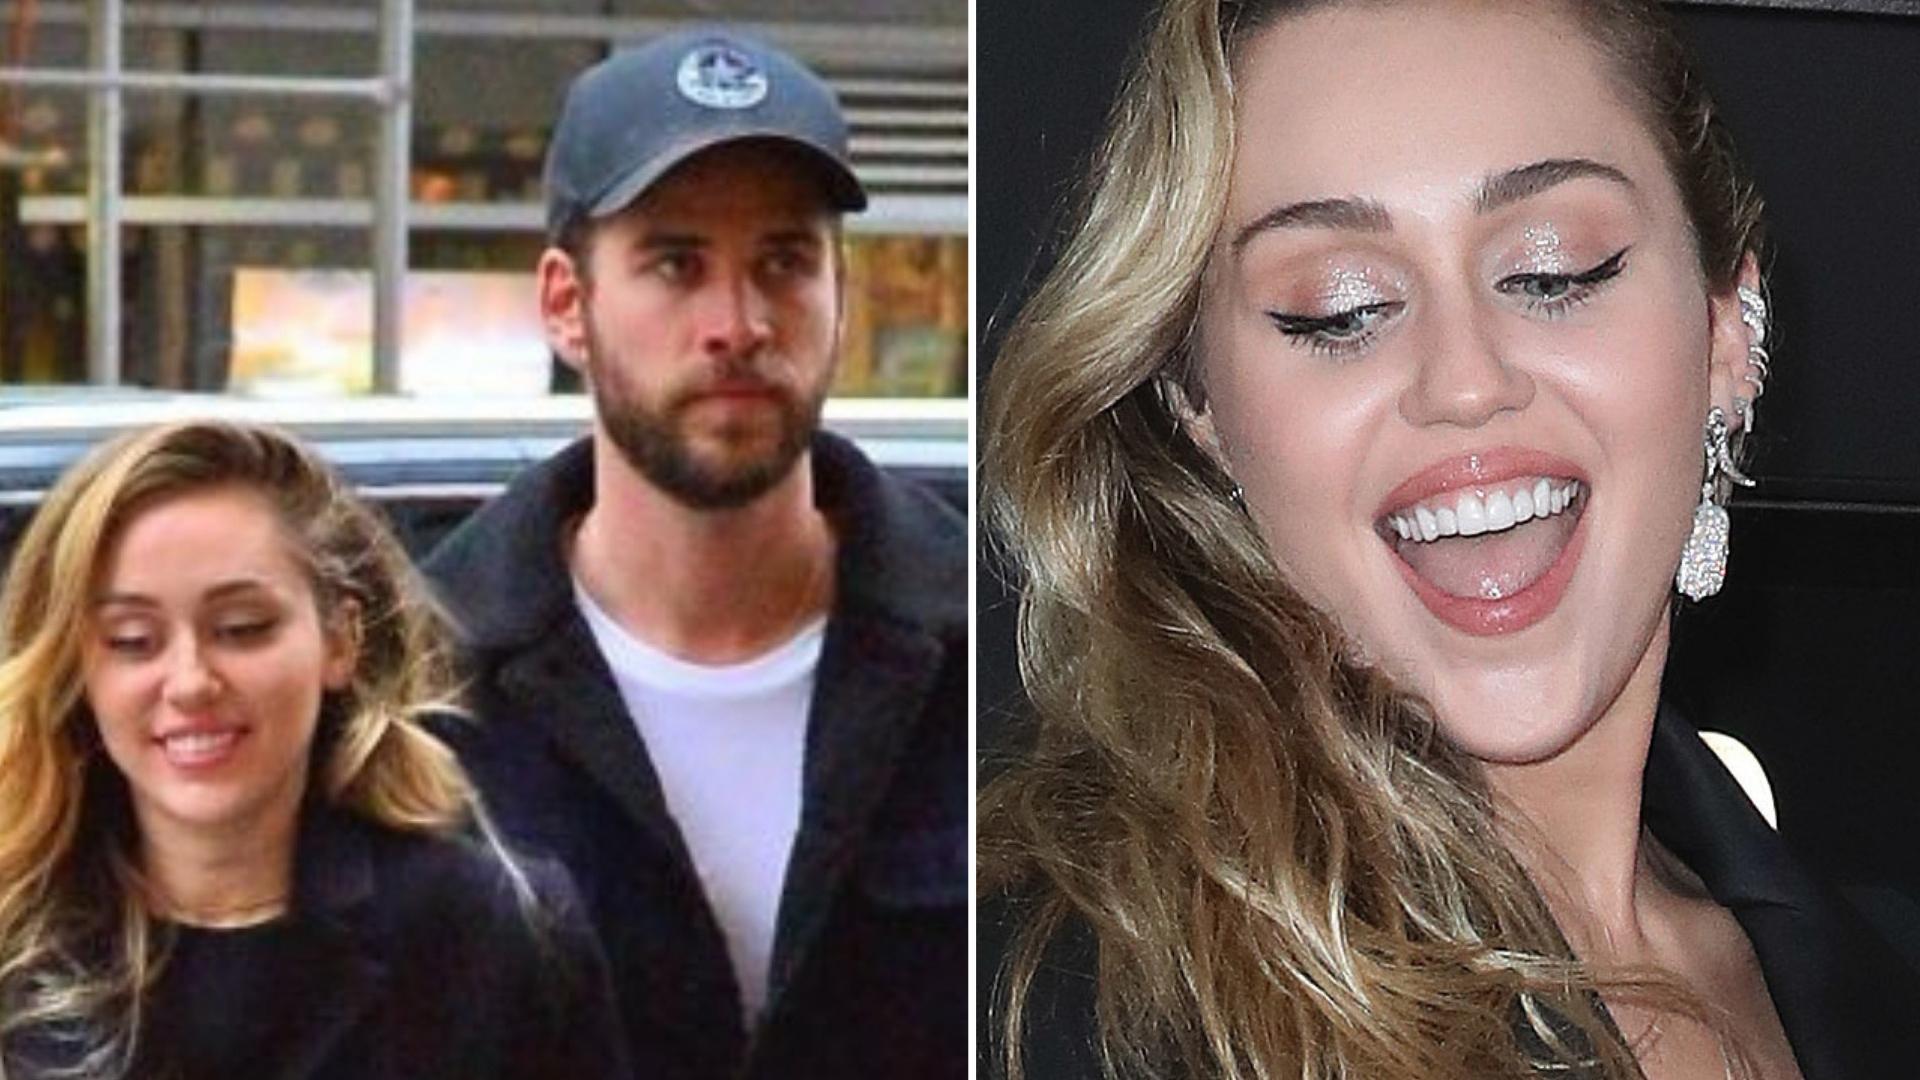 Wróciła niegrzeczna Miley! Wysłała zdjęcie mężowi i ROZŚMIESZYŁA cały Internet